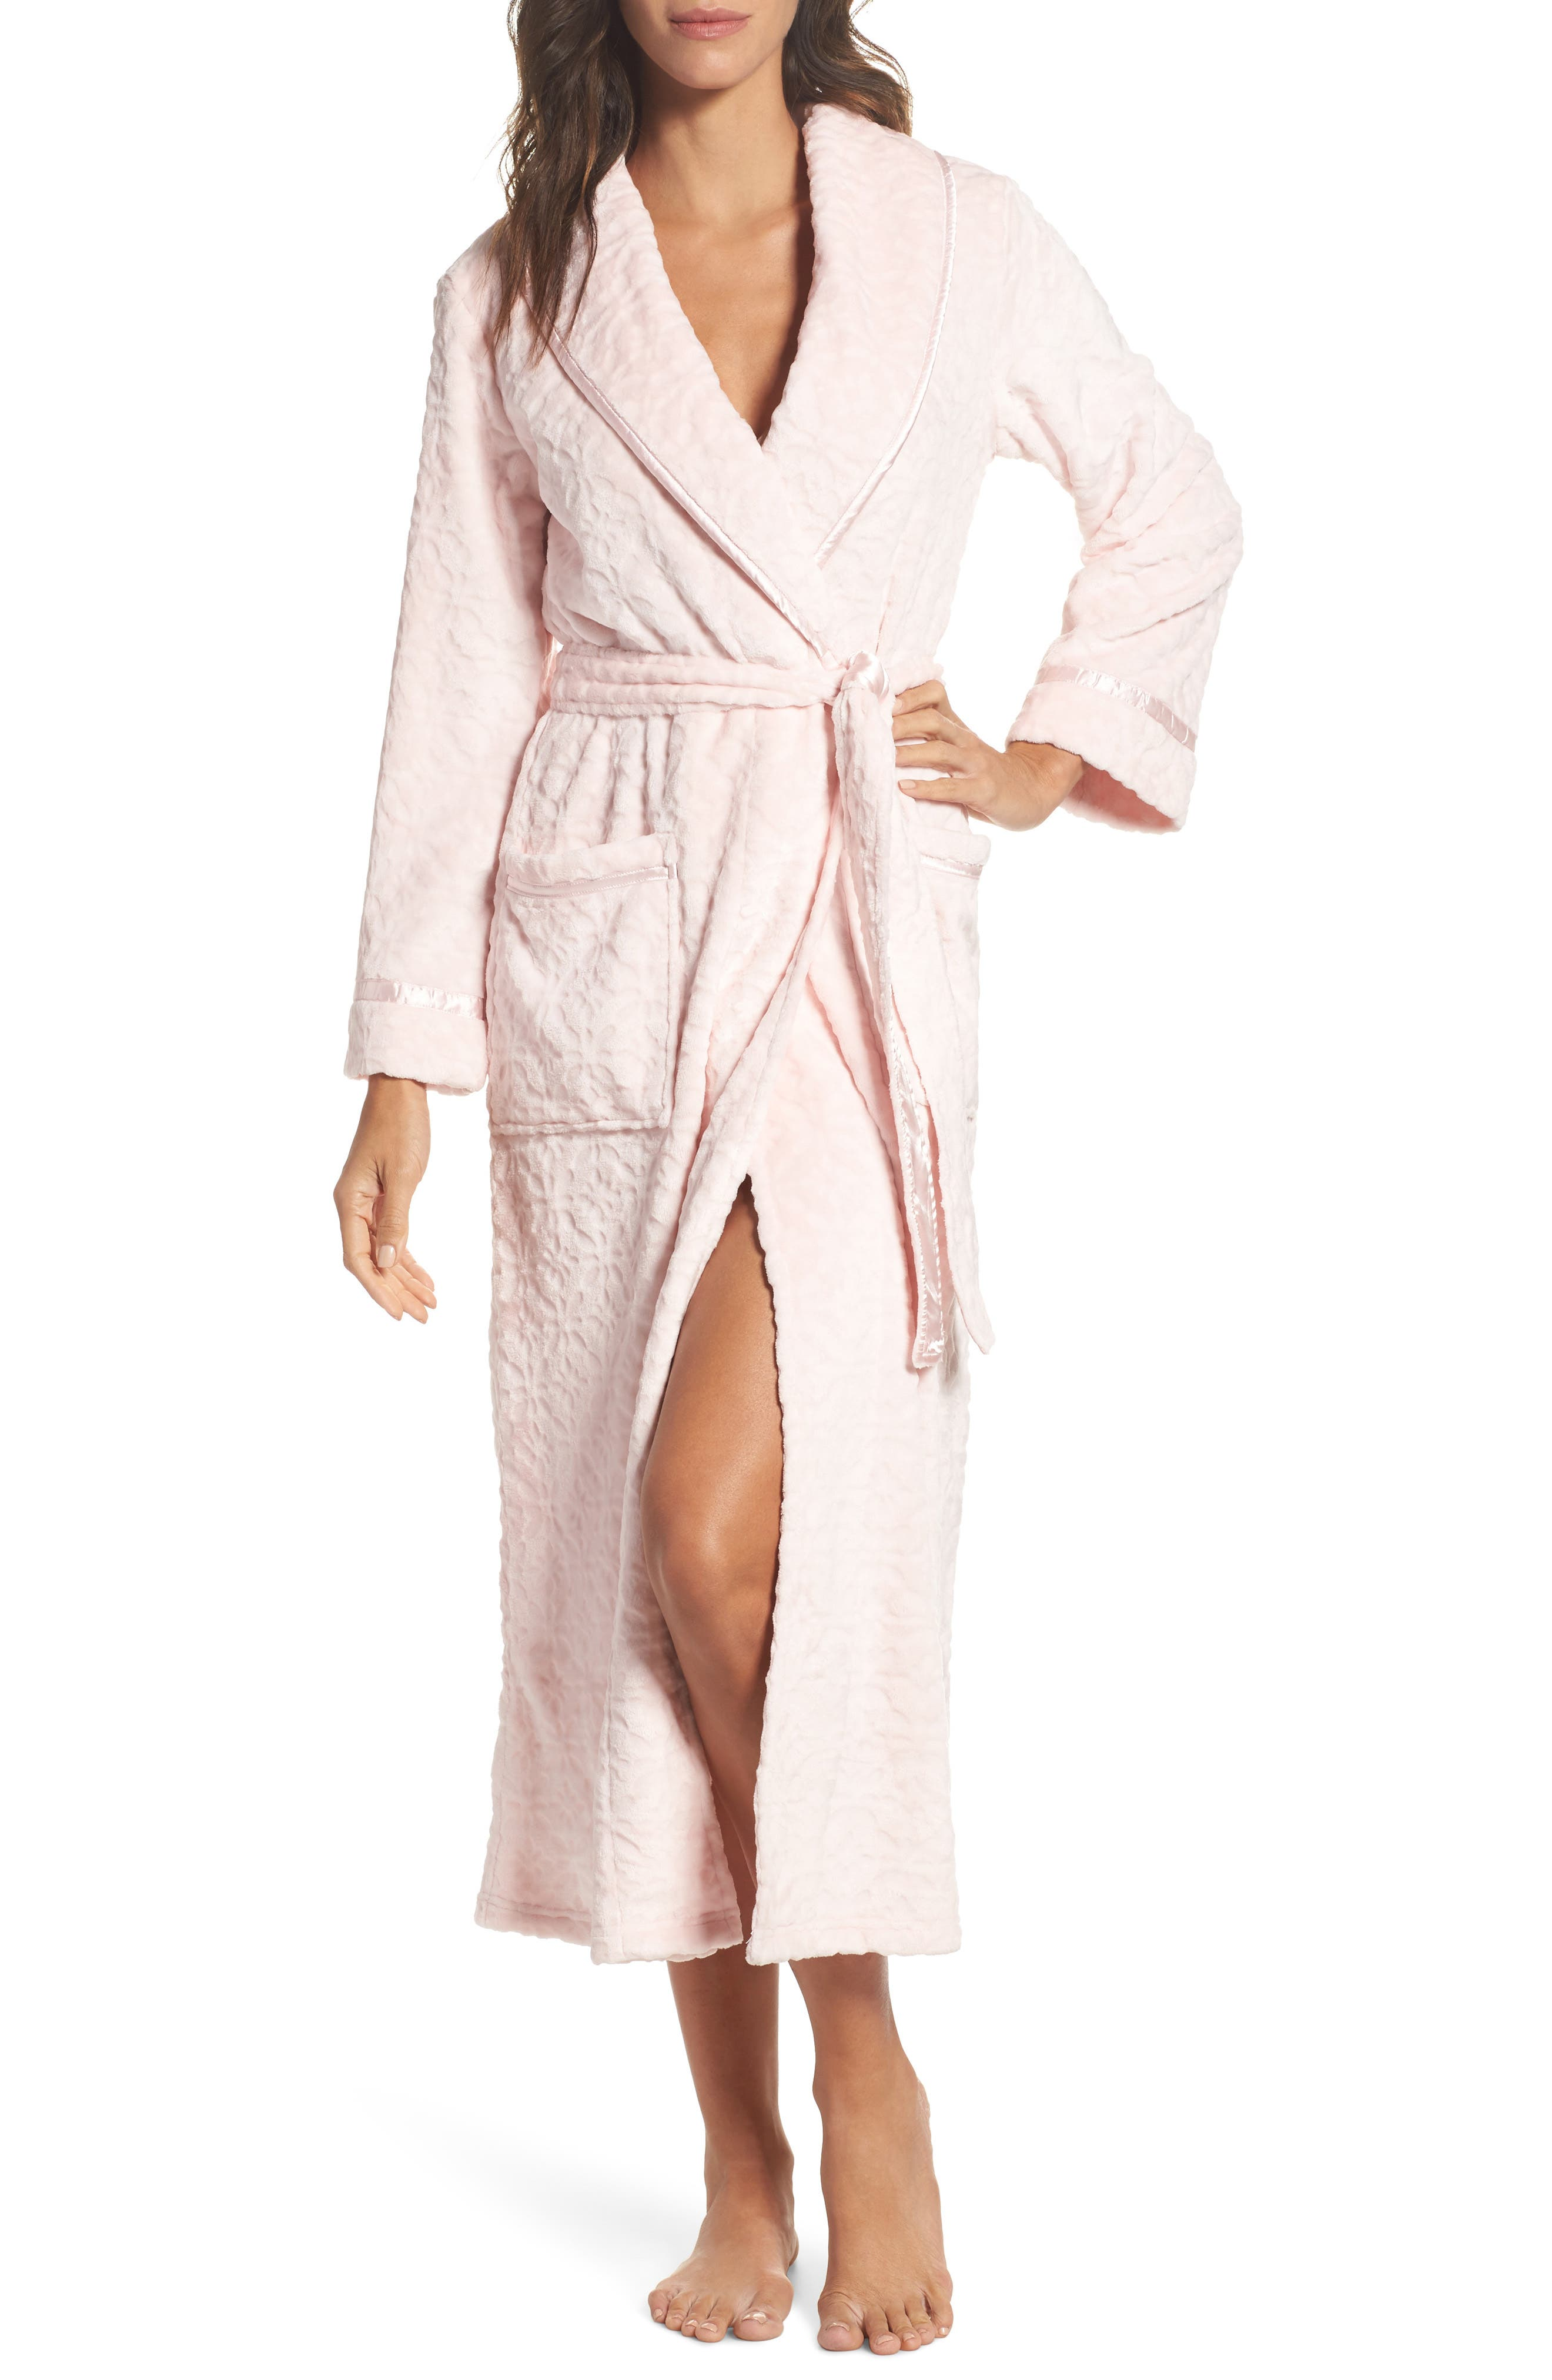 Oscar de la Renta Sleepwear Long Fleece Robe